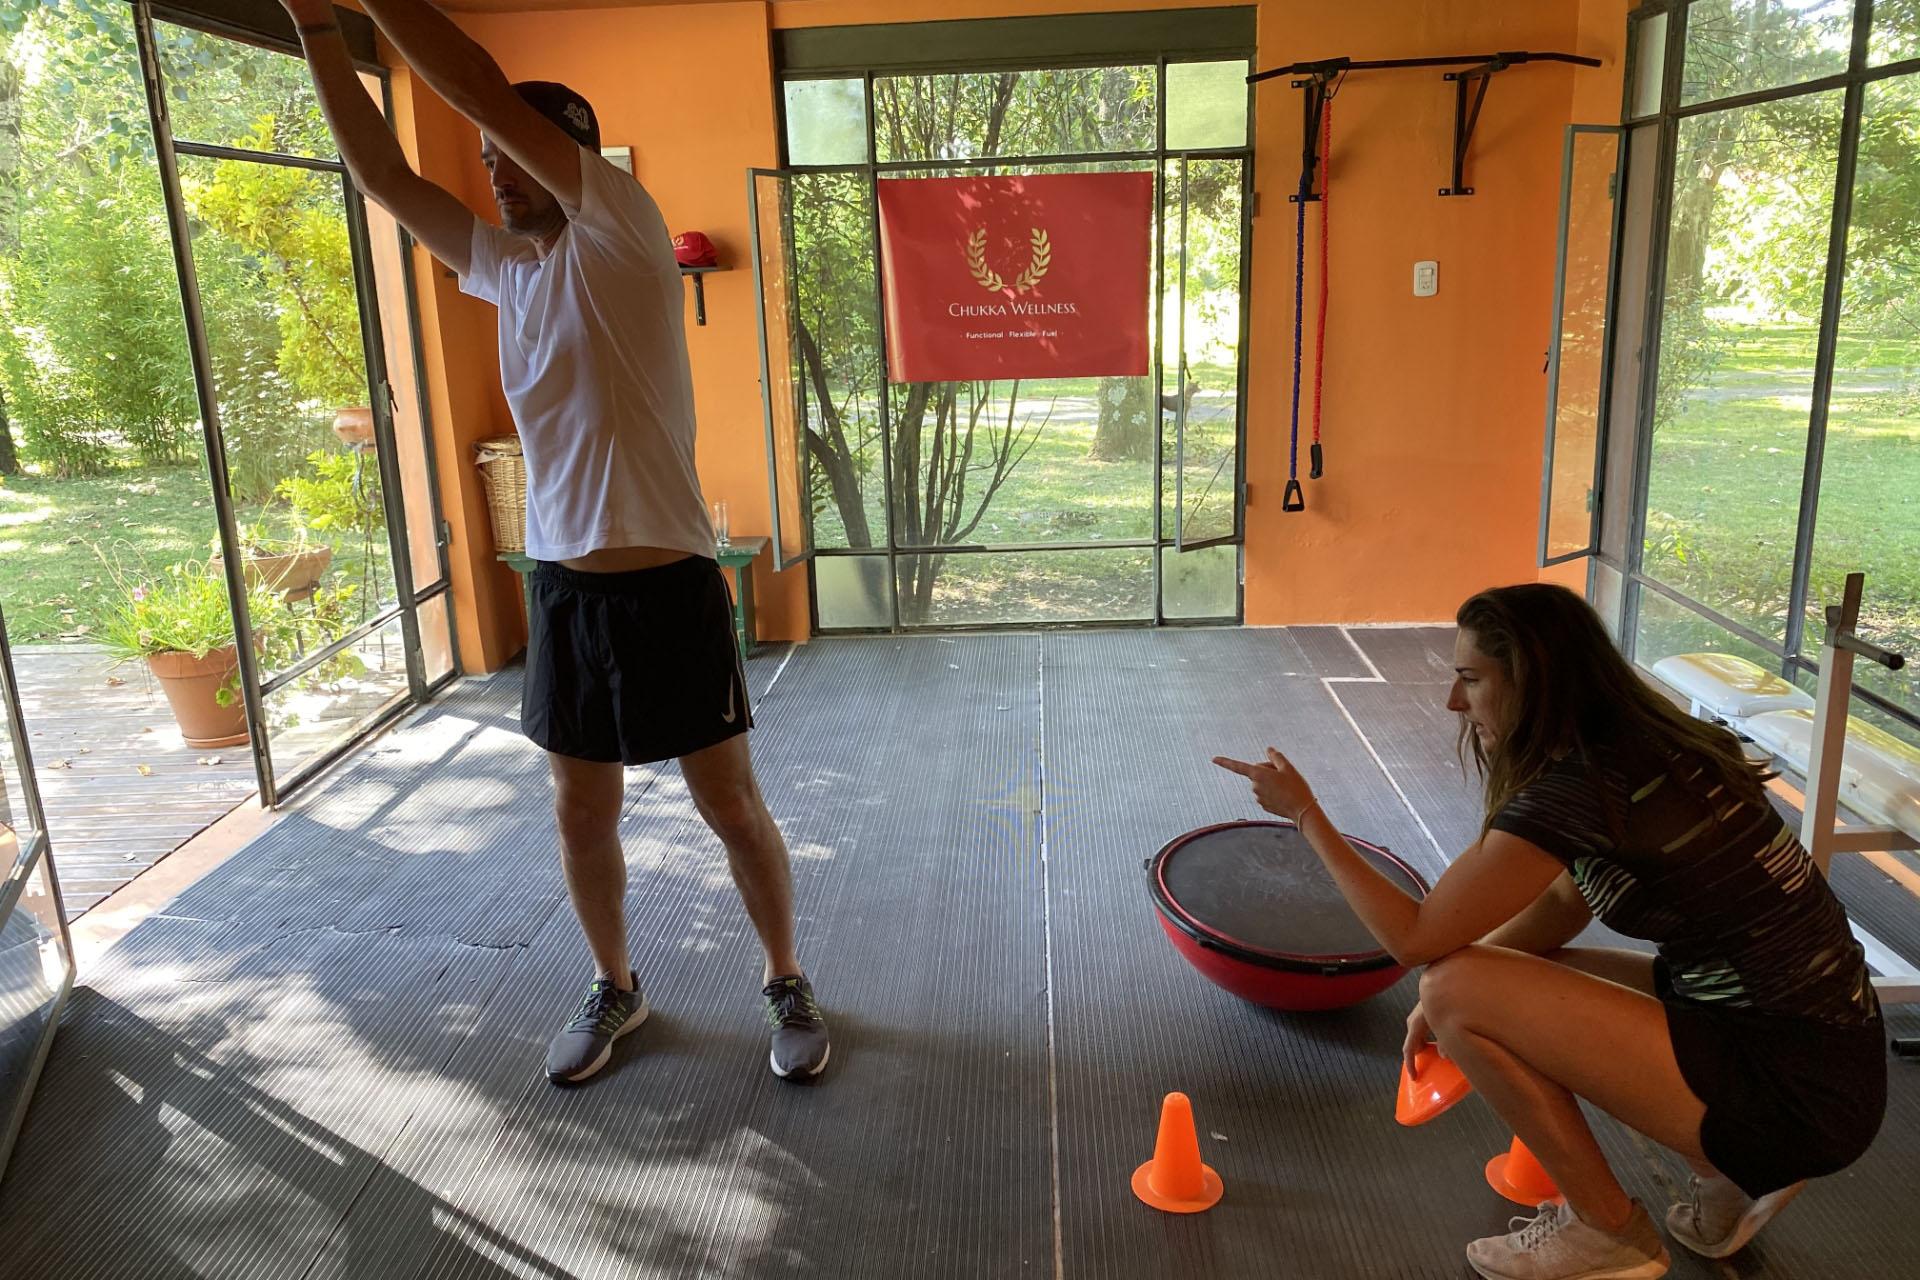 Chukka Wellness expert India Parker